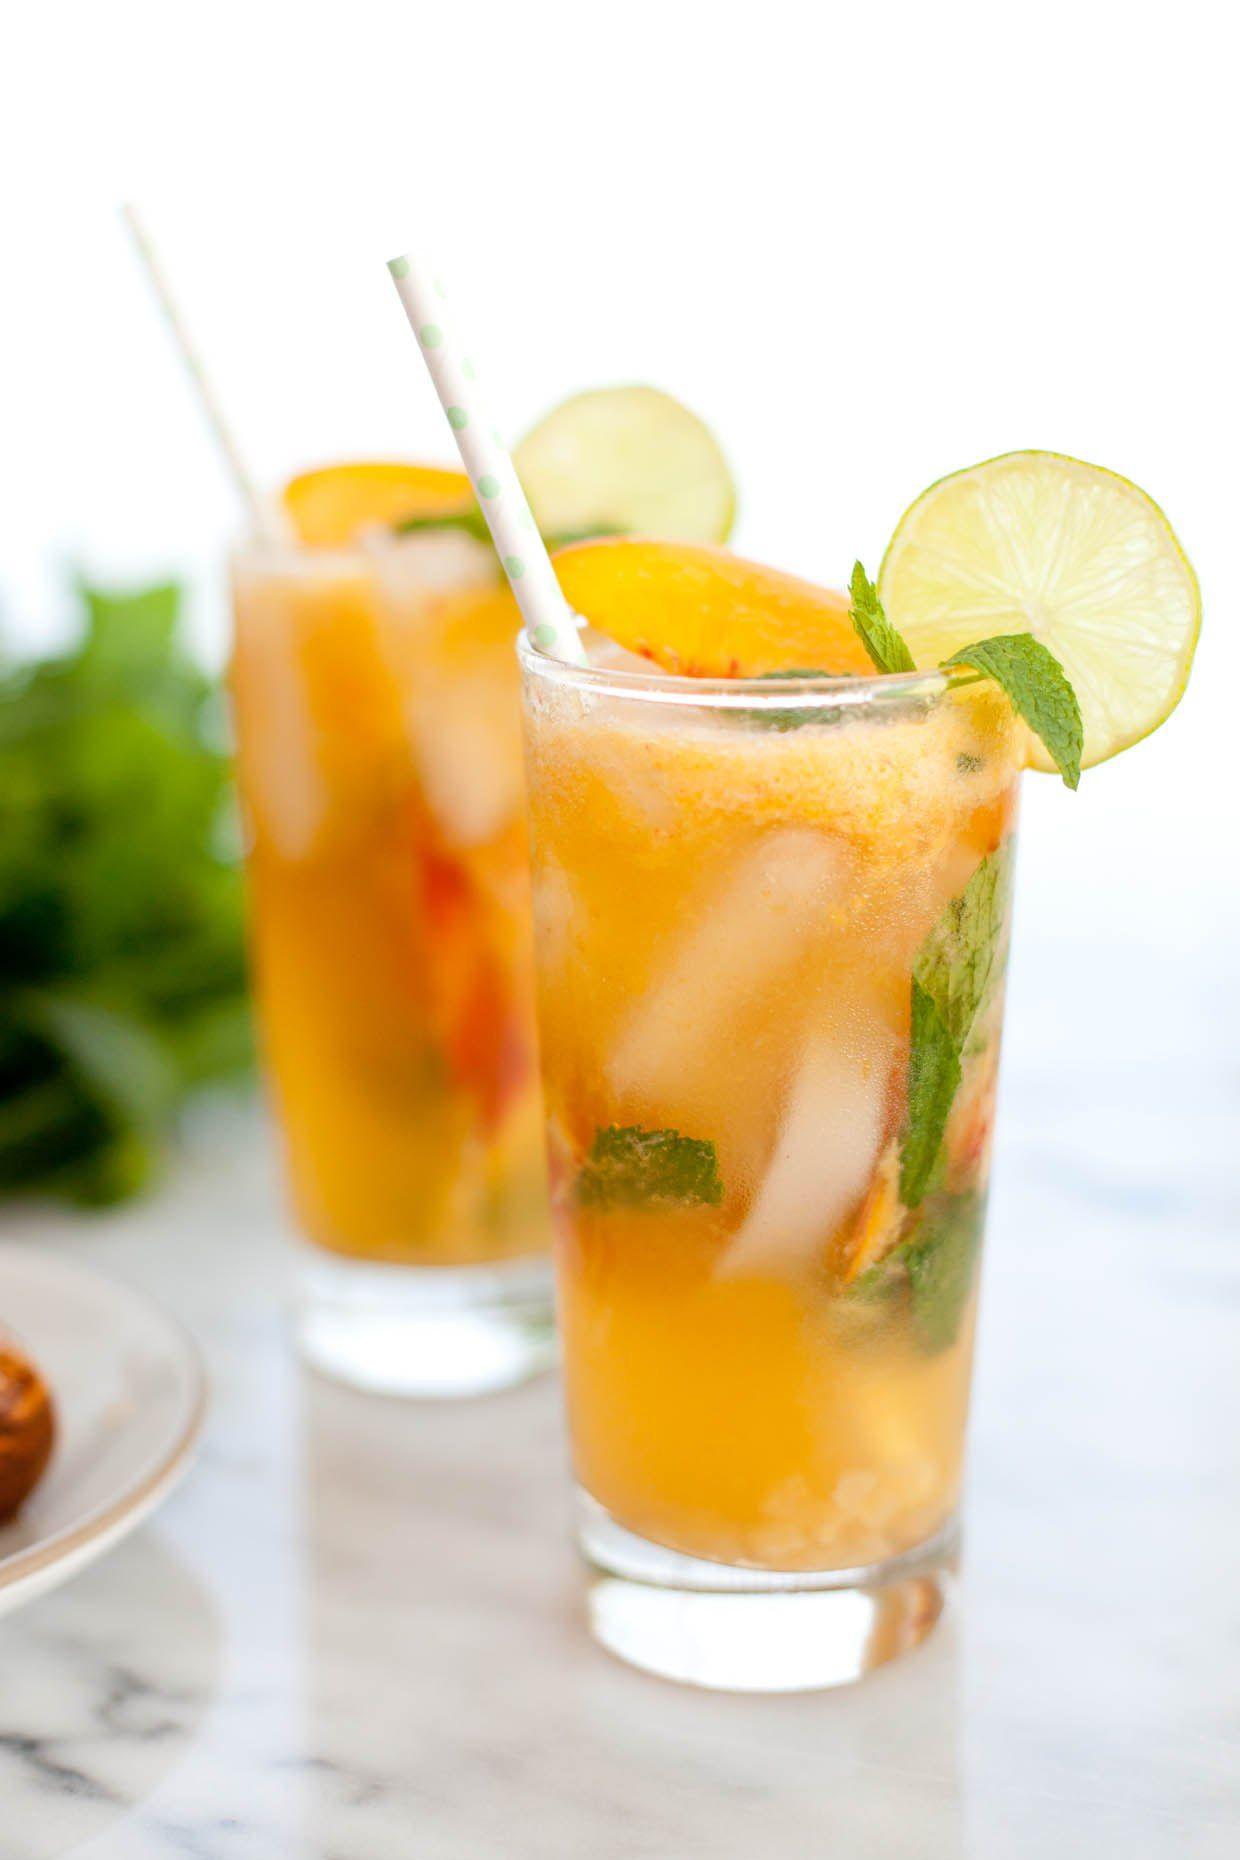 20 Fun Non-Alcoholic Drink Recipes